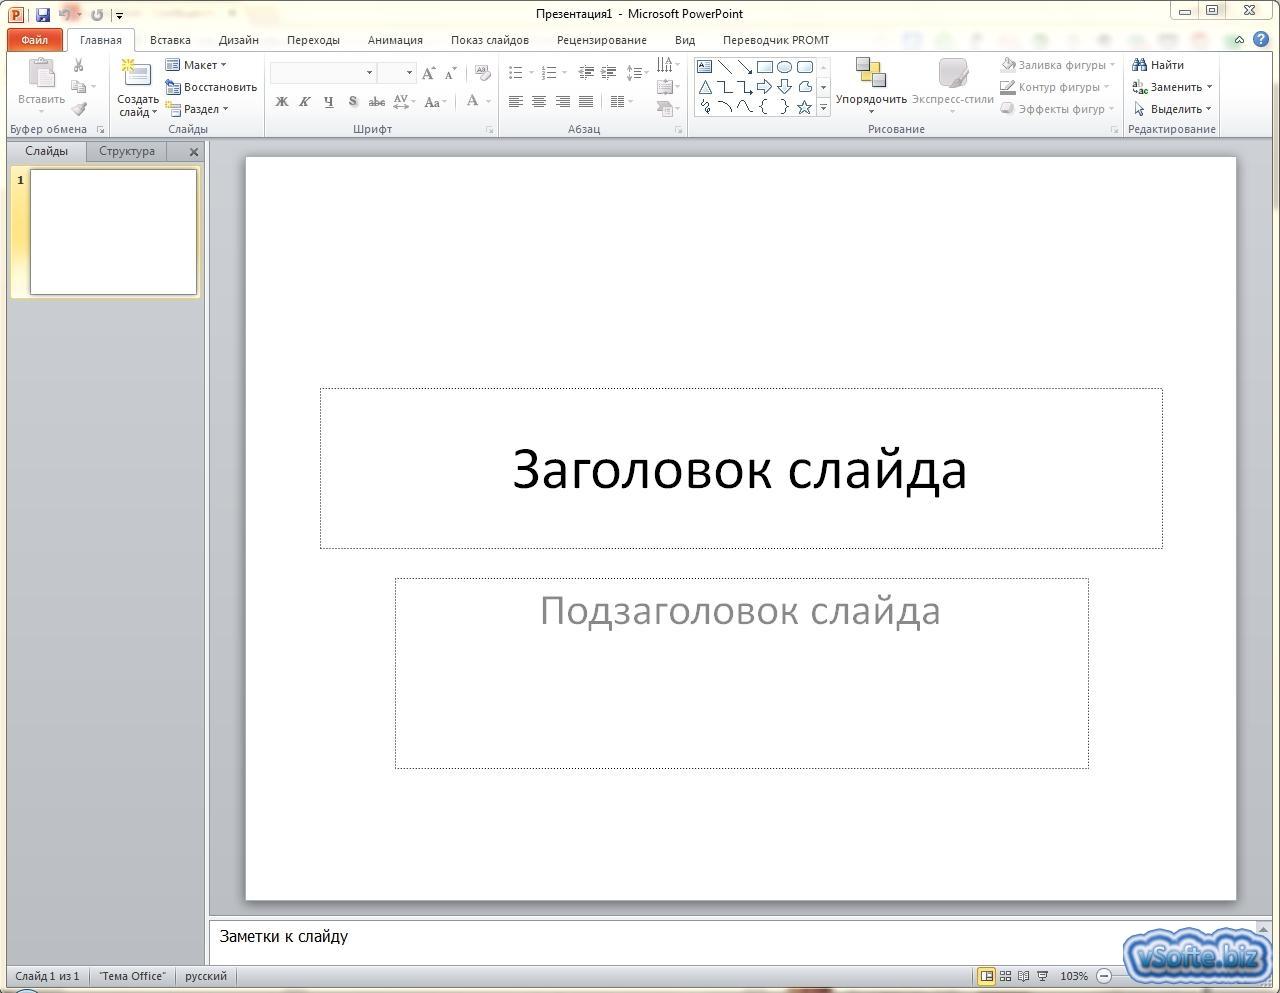 Скачать программу для просмотра ppt файлов